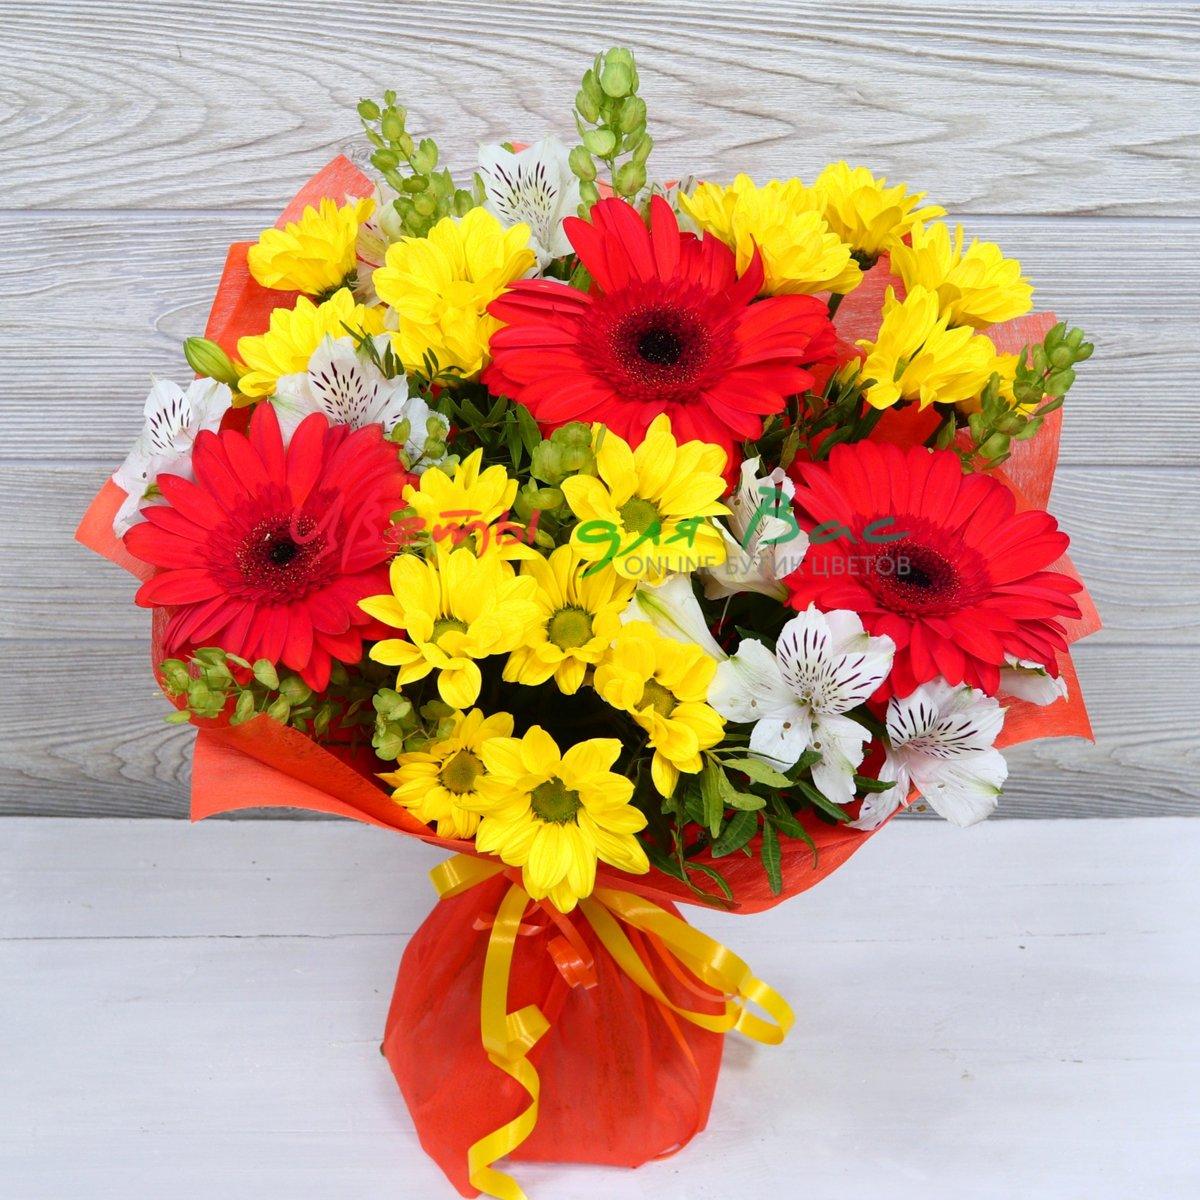 Подарочный букет из гербер и хризантем фото, роз доставка